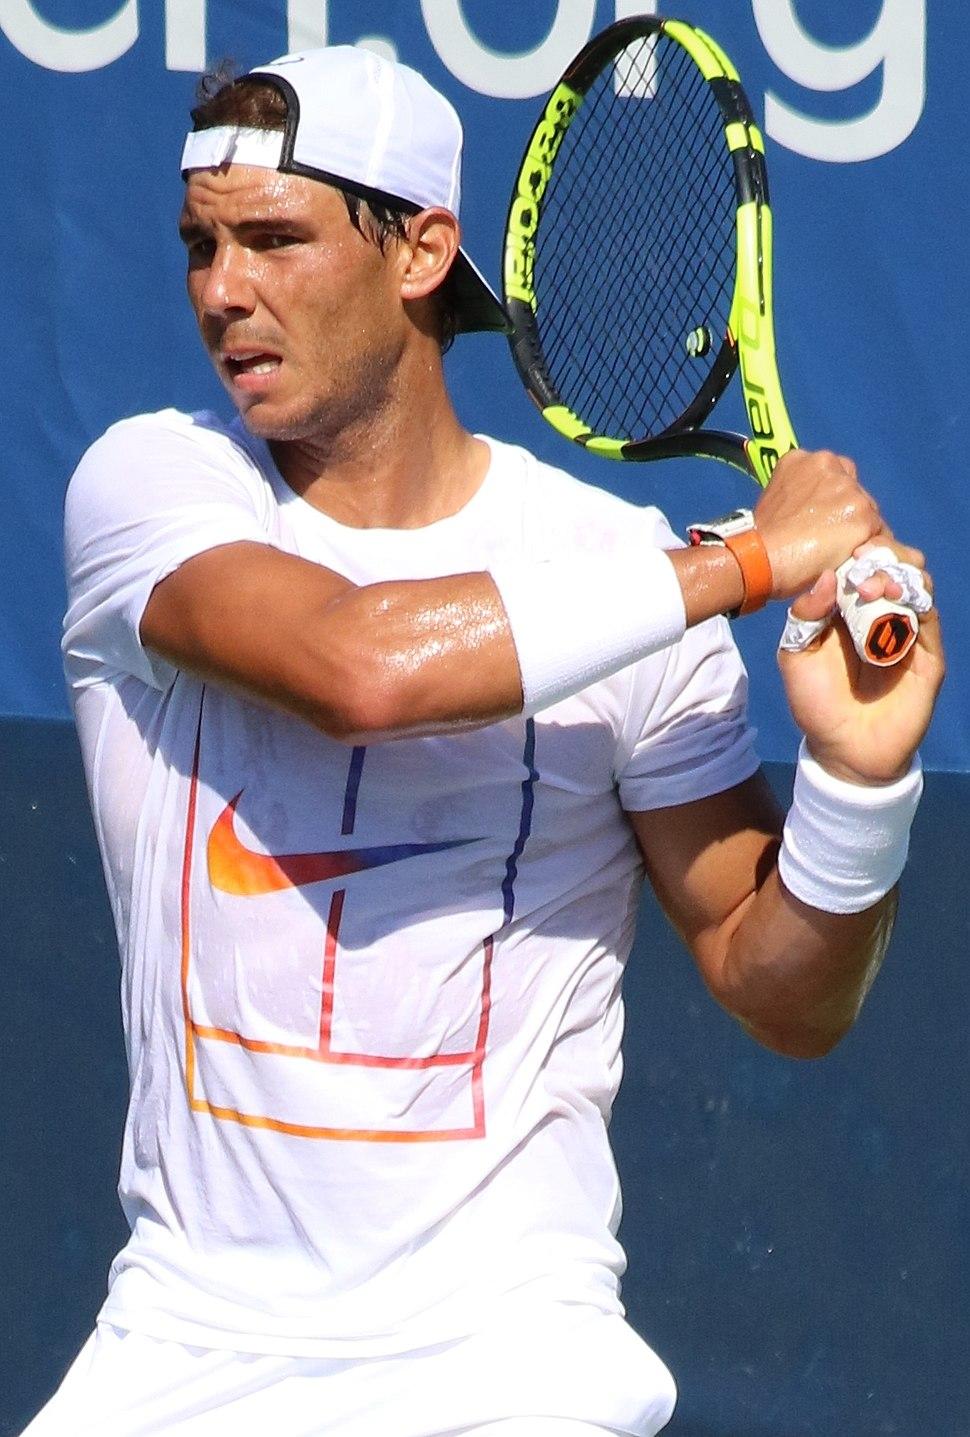 Nadal US16 (43) (29749332592)